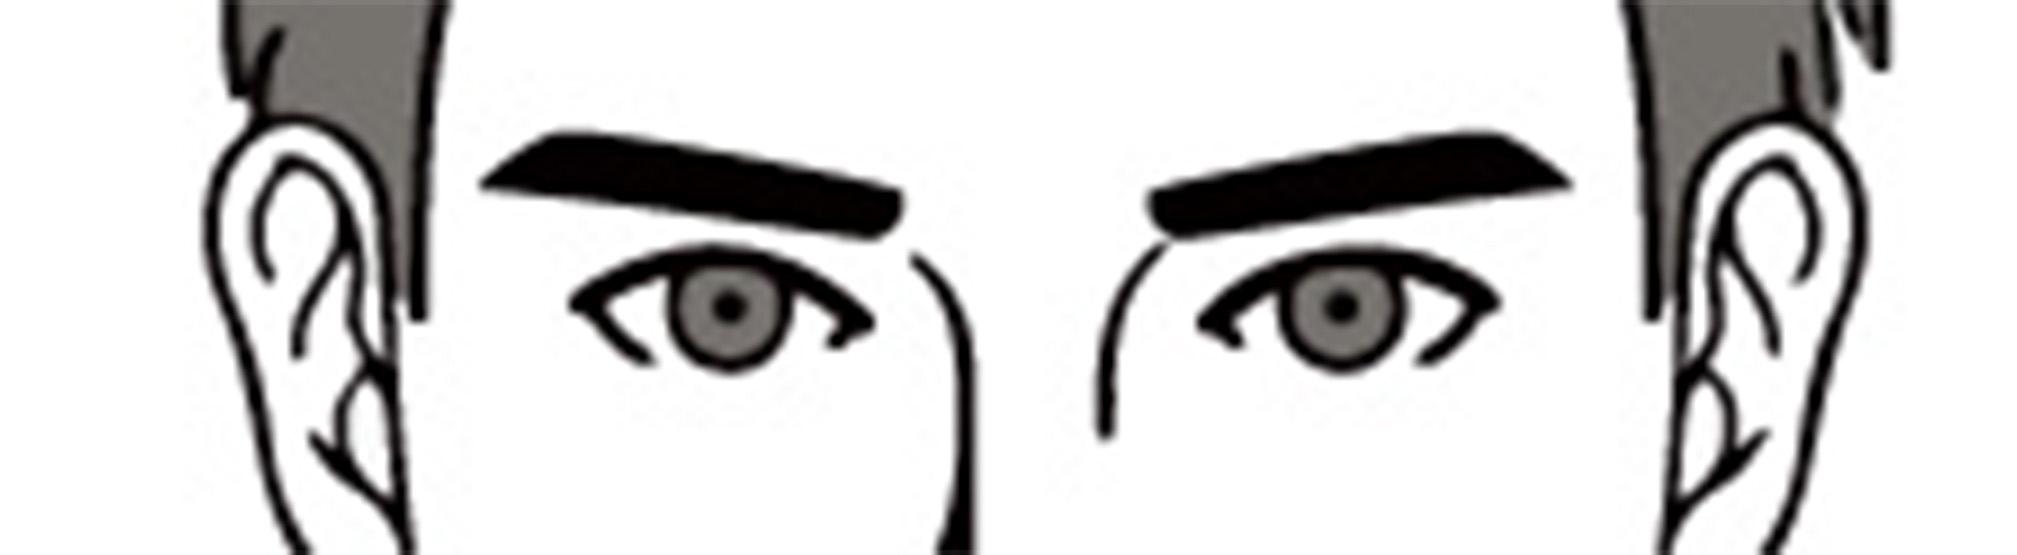 似合う眉毛で男らしさアップする 理想の眉毛で垢抜ける